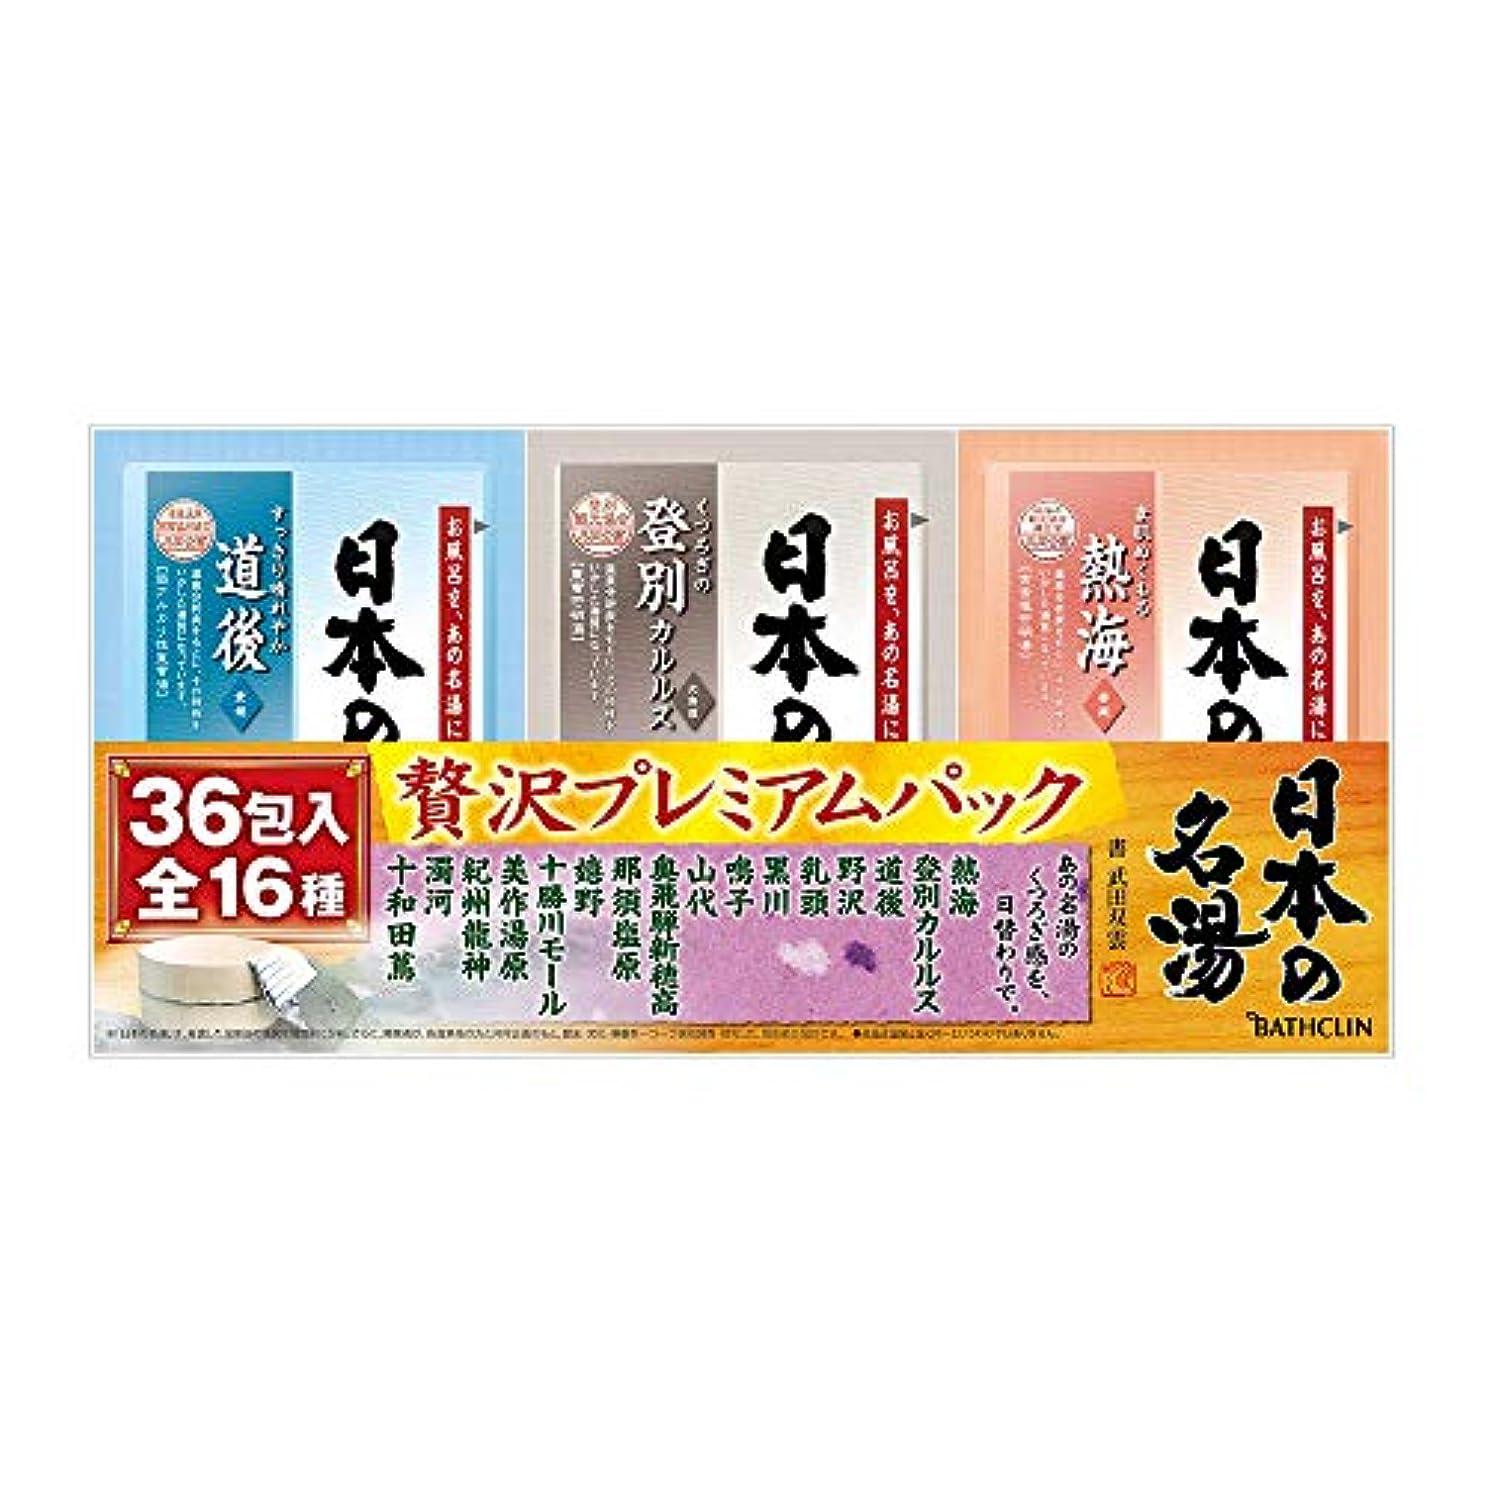 大きなスケールで見るとフェード信頼性のある【医薬部外品/大容量】日本の名湯入浴剤 贅沢プレミアムパック36包入 個包装 詰め合わせ 温泉タイプ